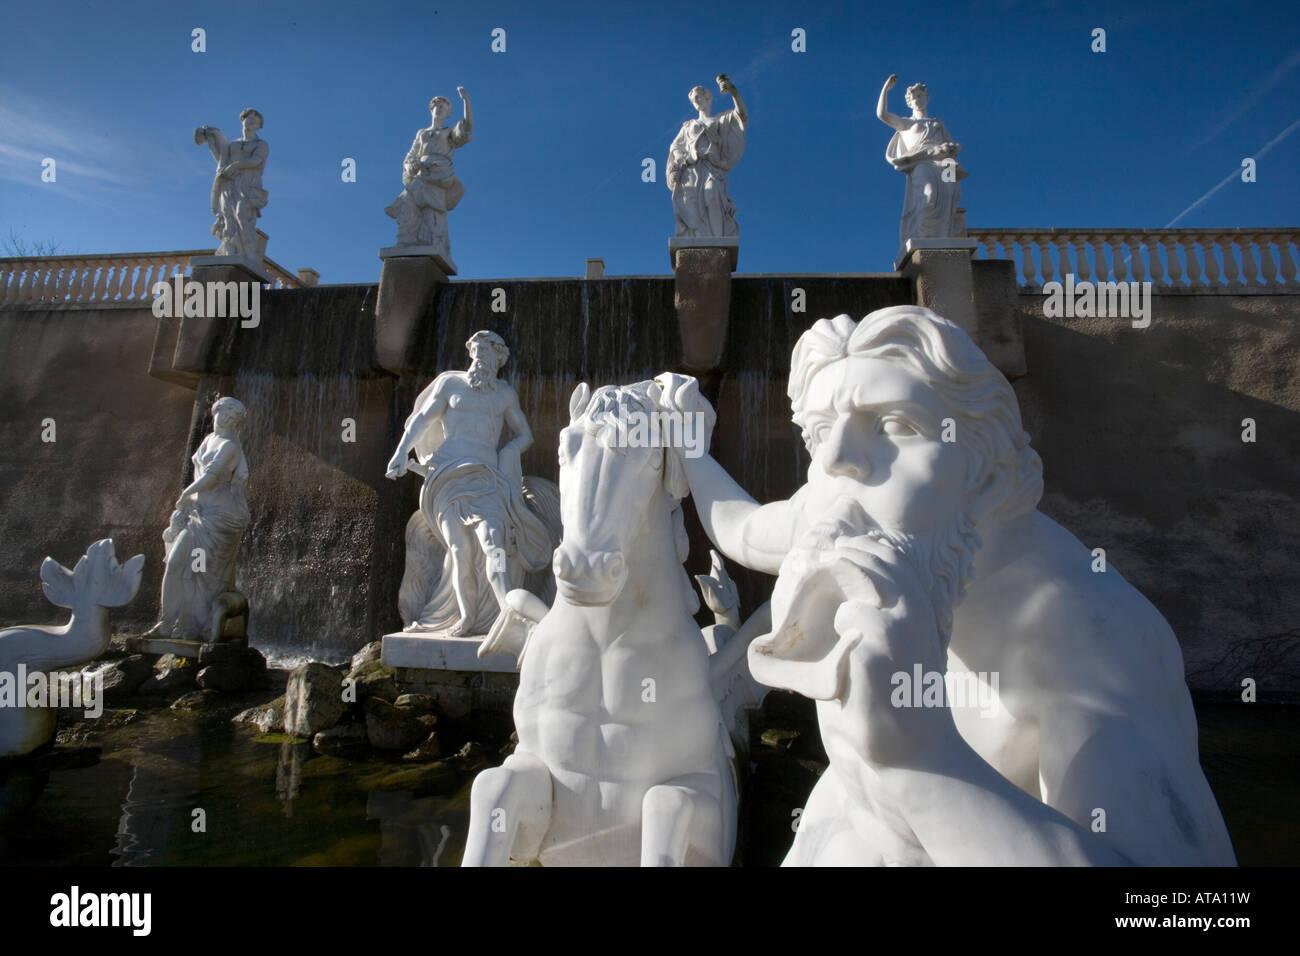 Imitation de la fontaine de Trevi de Rome au plaisir de motifs, Mondo Verde Landgraaf, Pays-Bas Banque D'Images